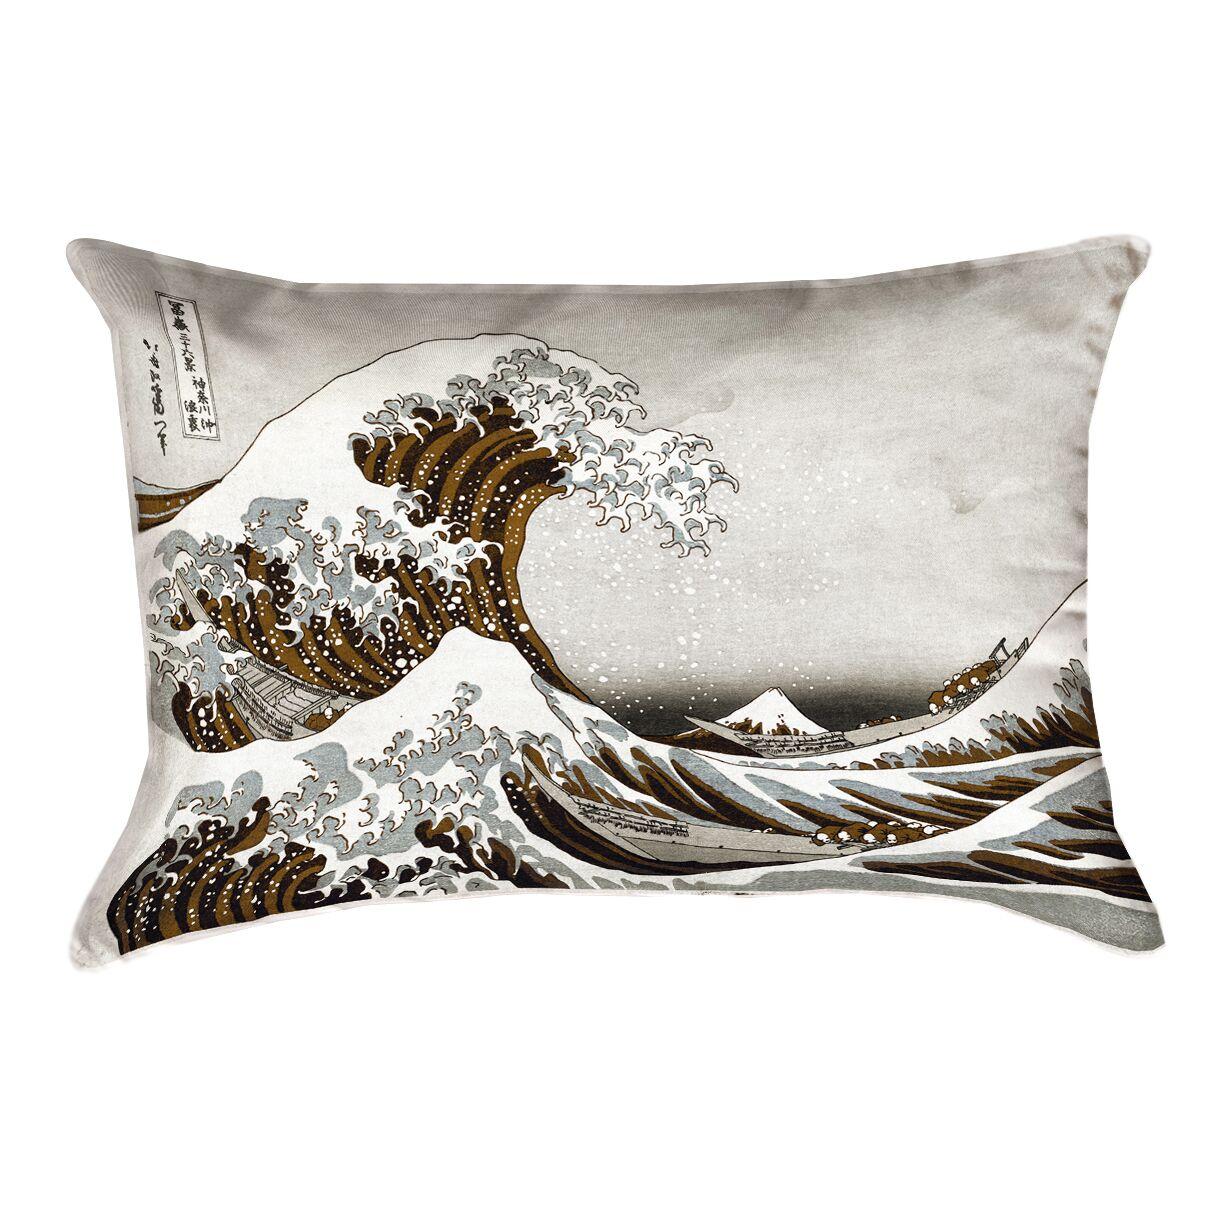 Raritan The Great Wave Linen Pillow Cover Color: Sepia